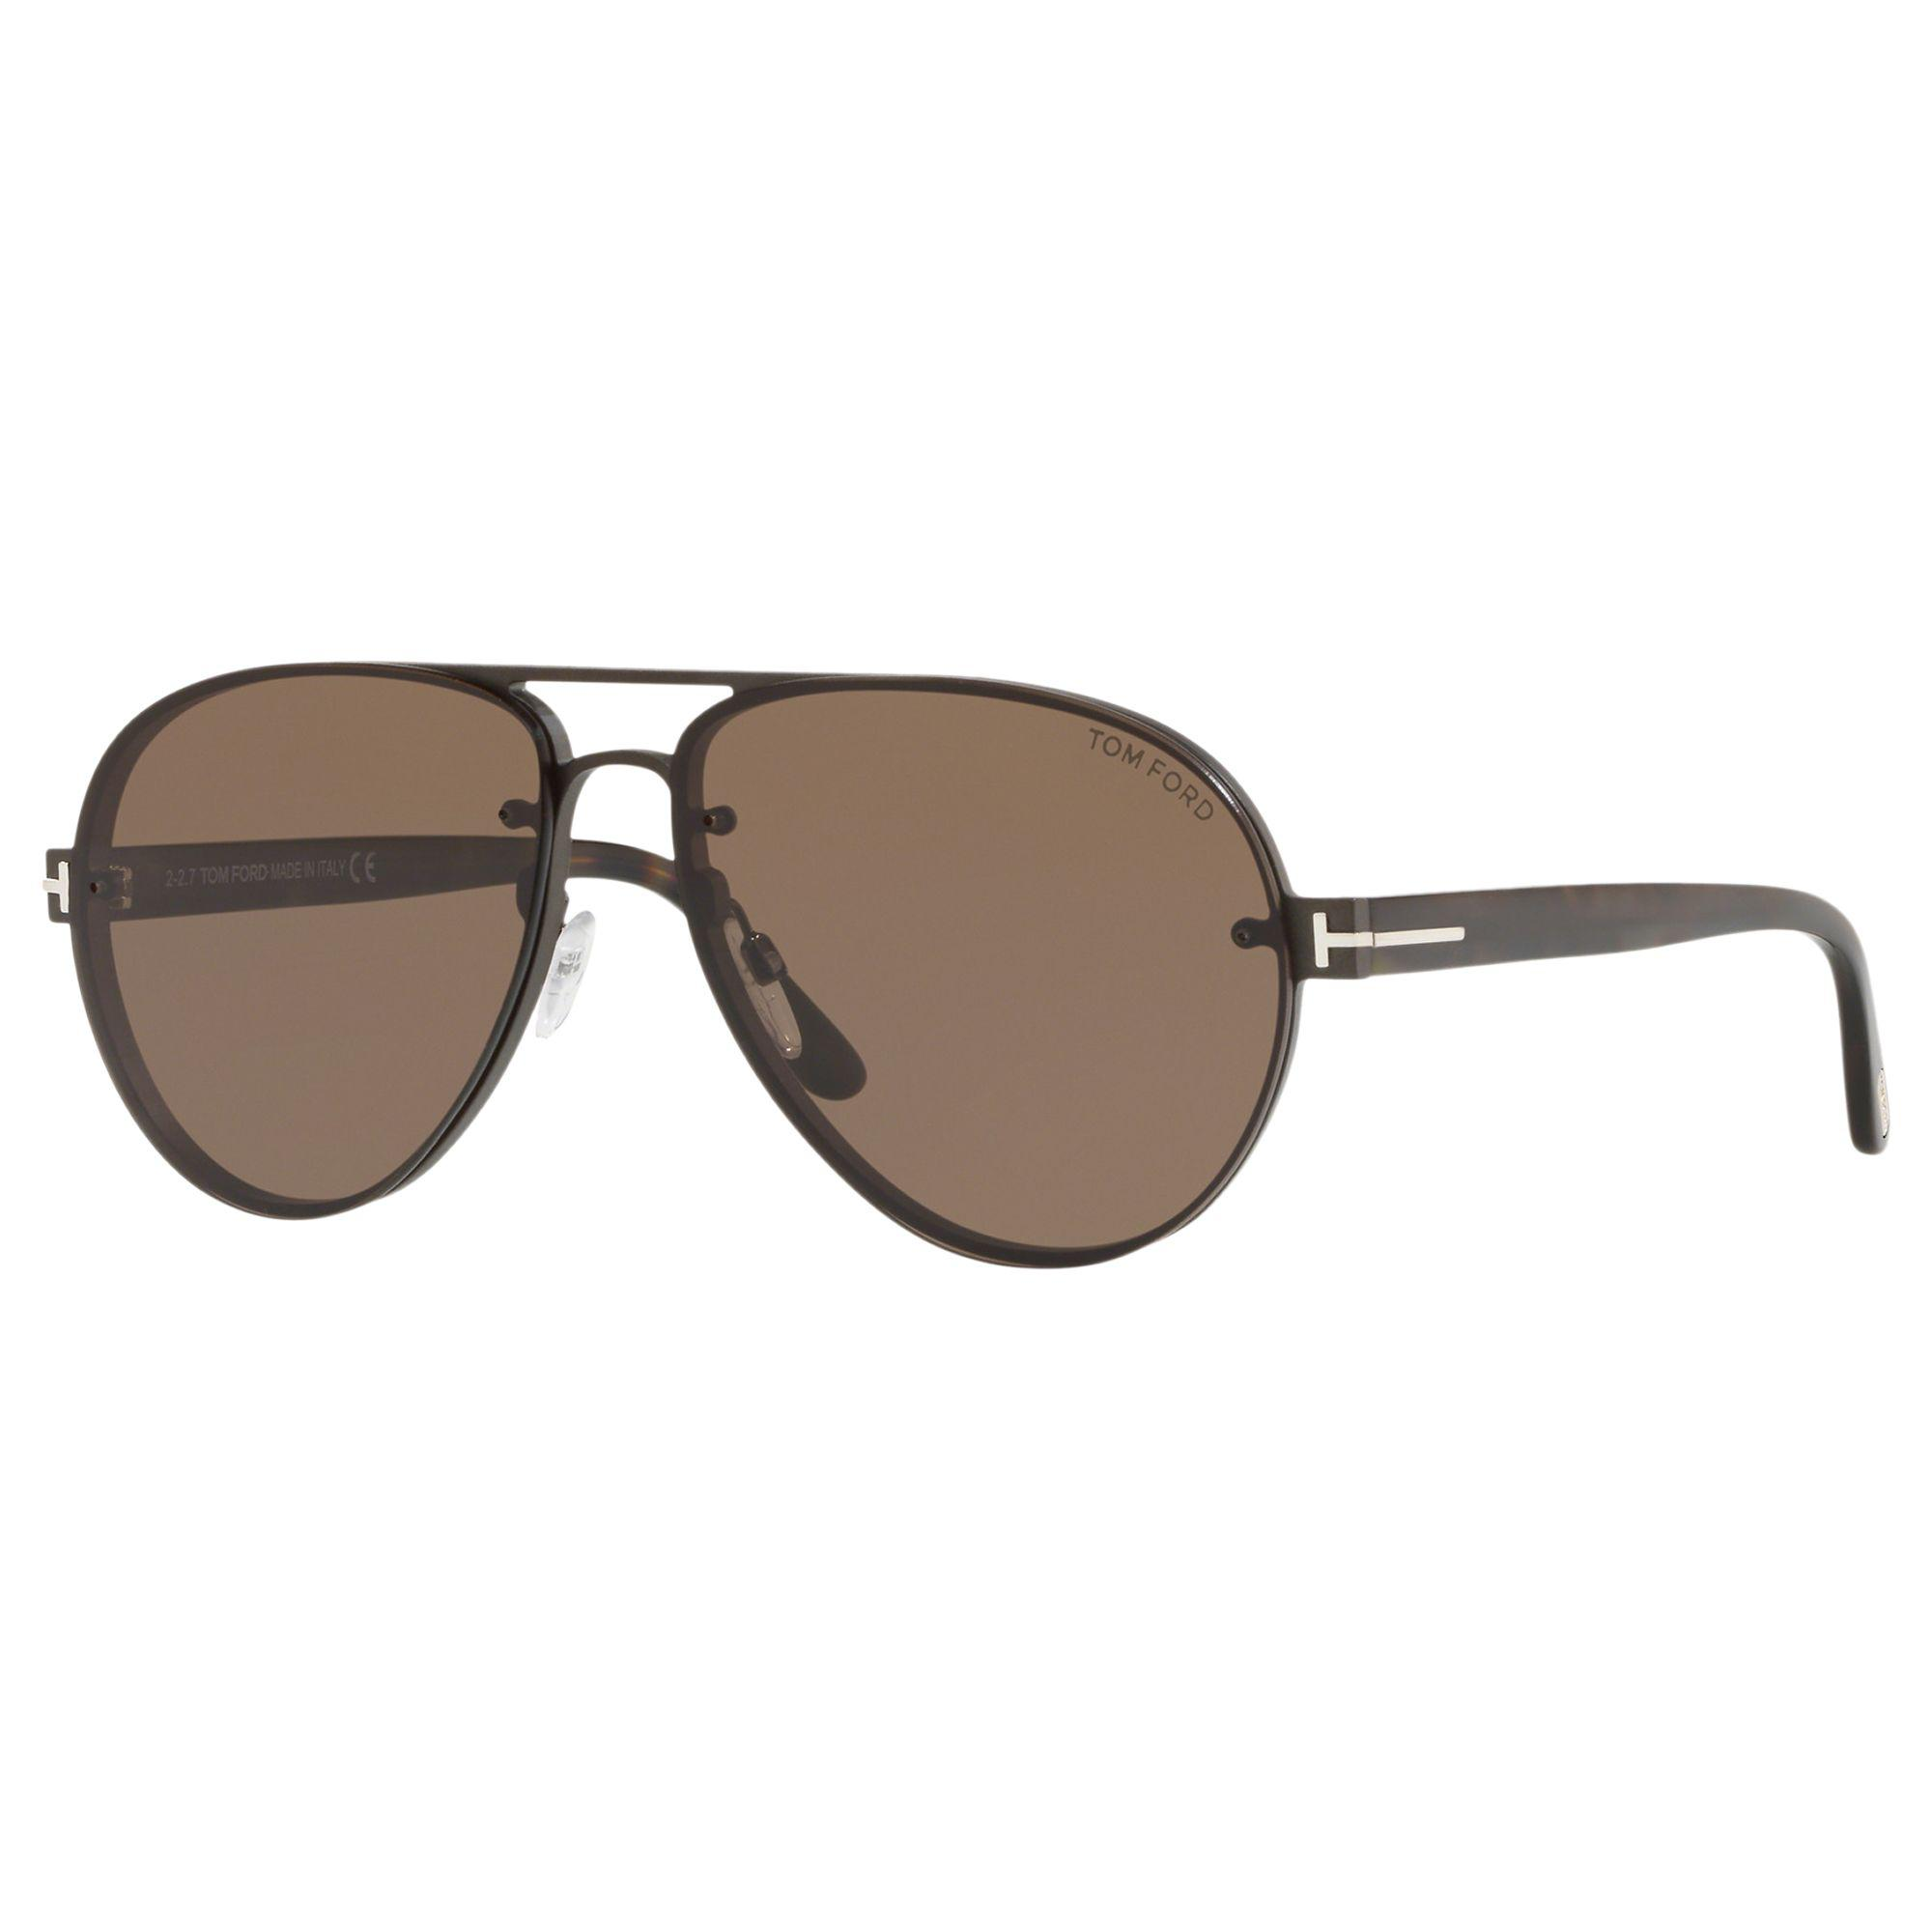 9c481d0508c8 Tom Ford Ft0622 Men s Alexei-02 Aviator Sunglasses in Brown for Men ...